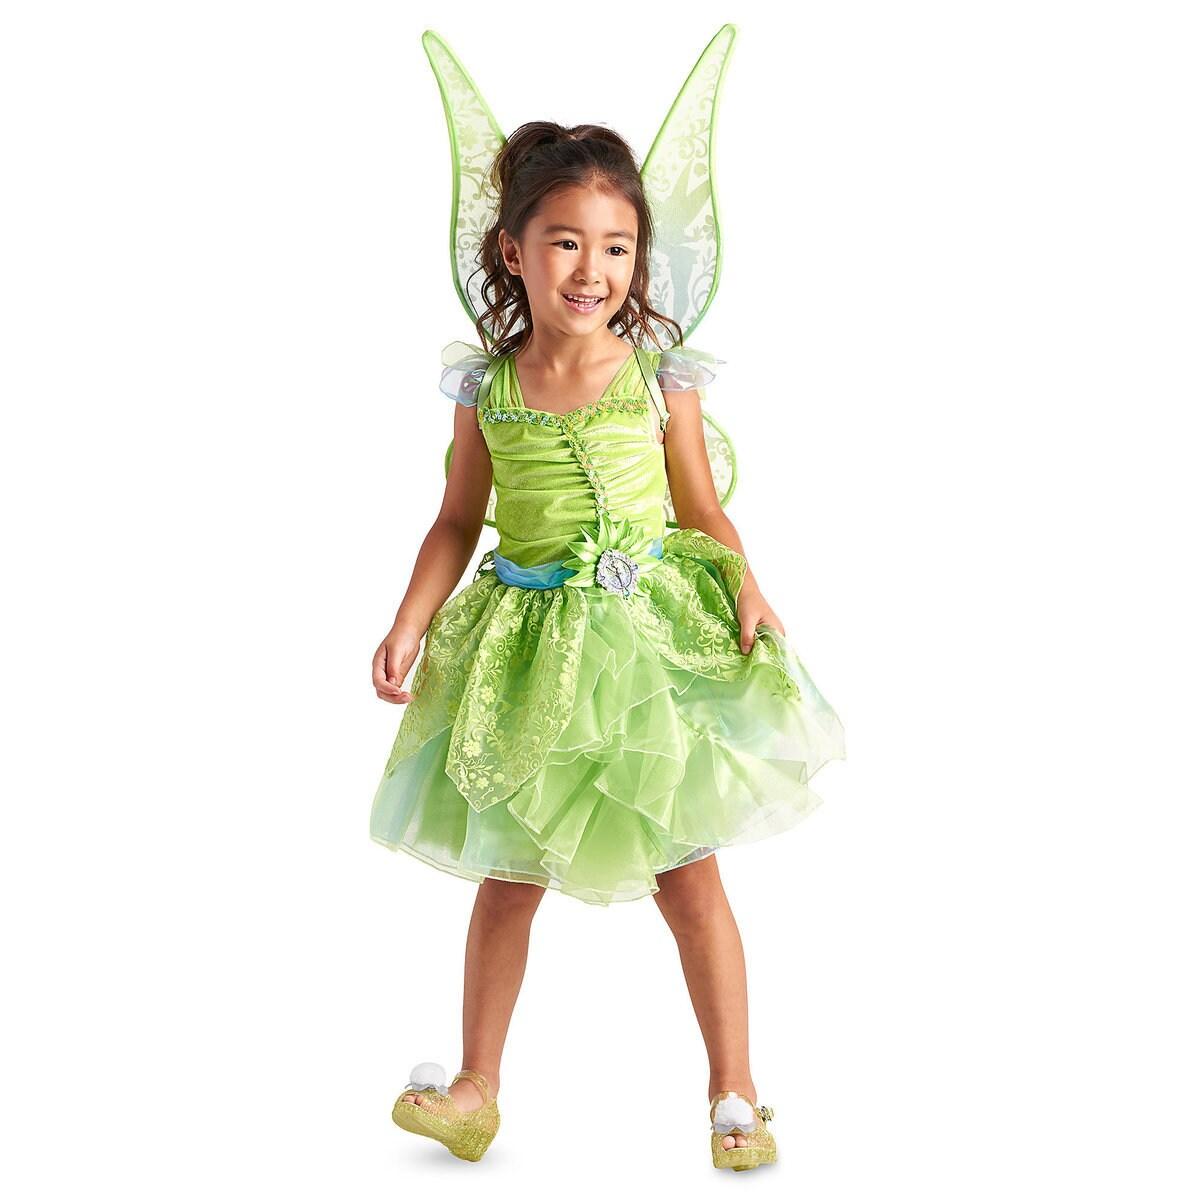 Tinker Bell Costume for Kids | shopDisney